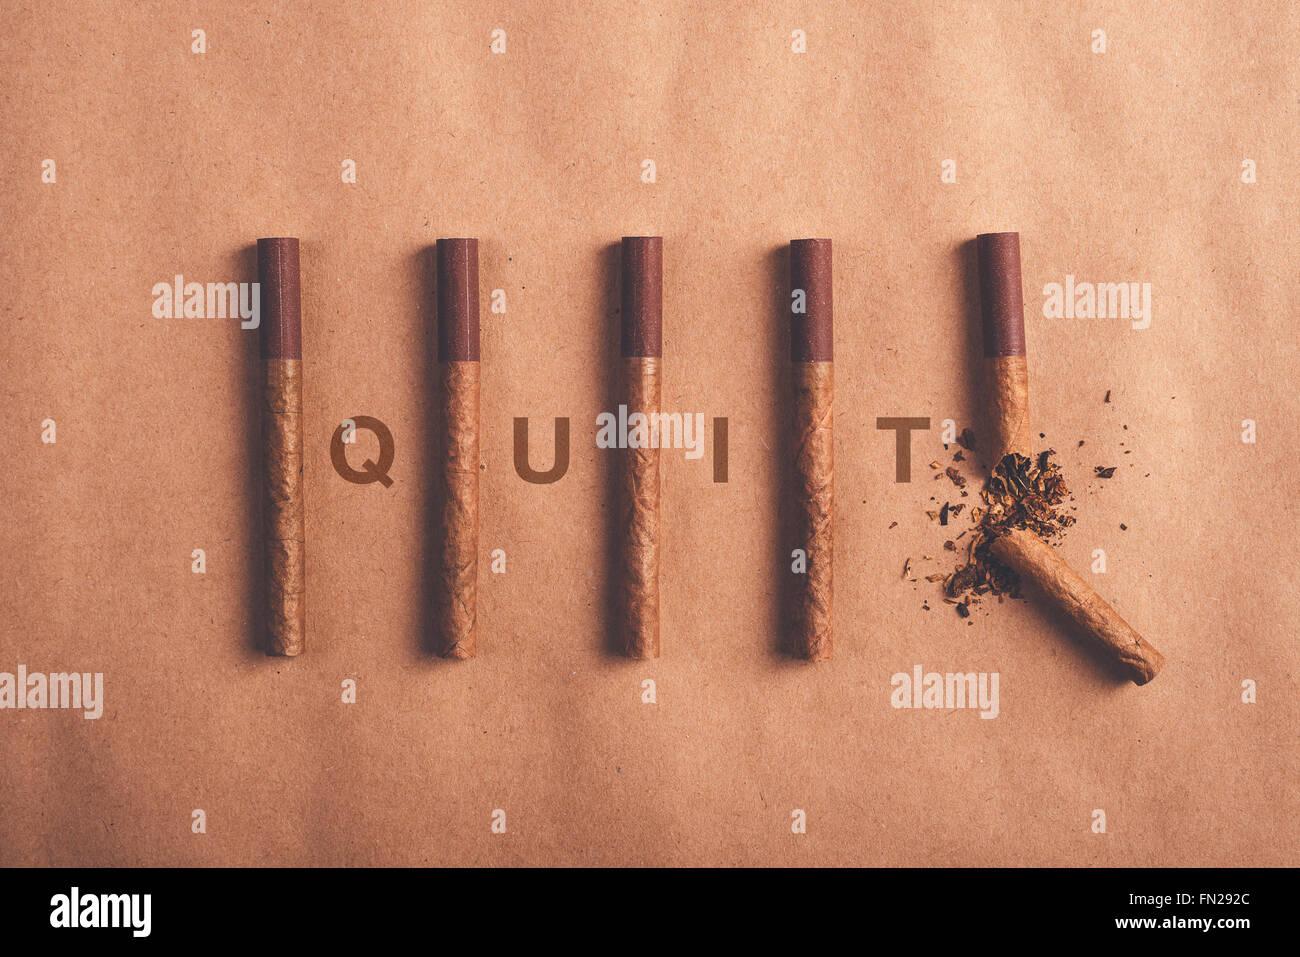 Quit Smoking Konzept, lag flach angeordnete Zigaretten mit gebrochenen am Ende als endgültige Entscheidung Stockbild